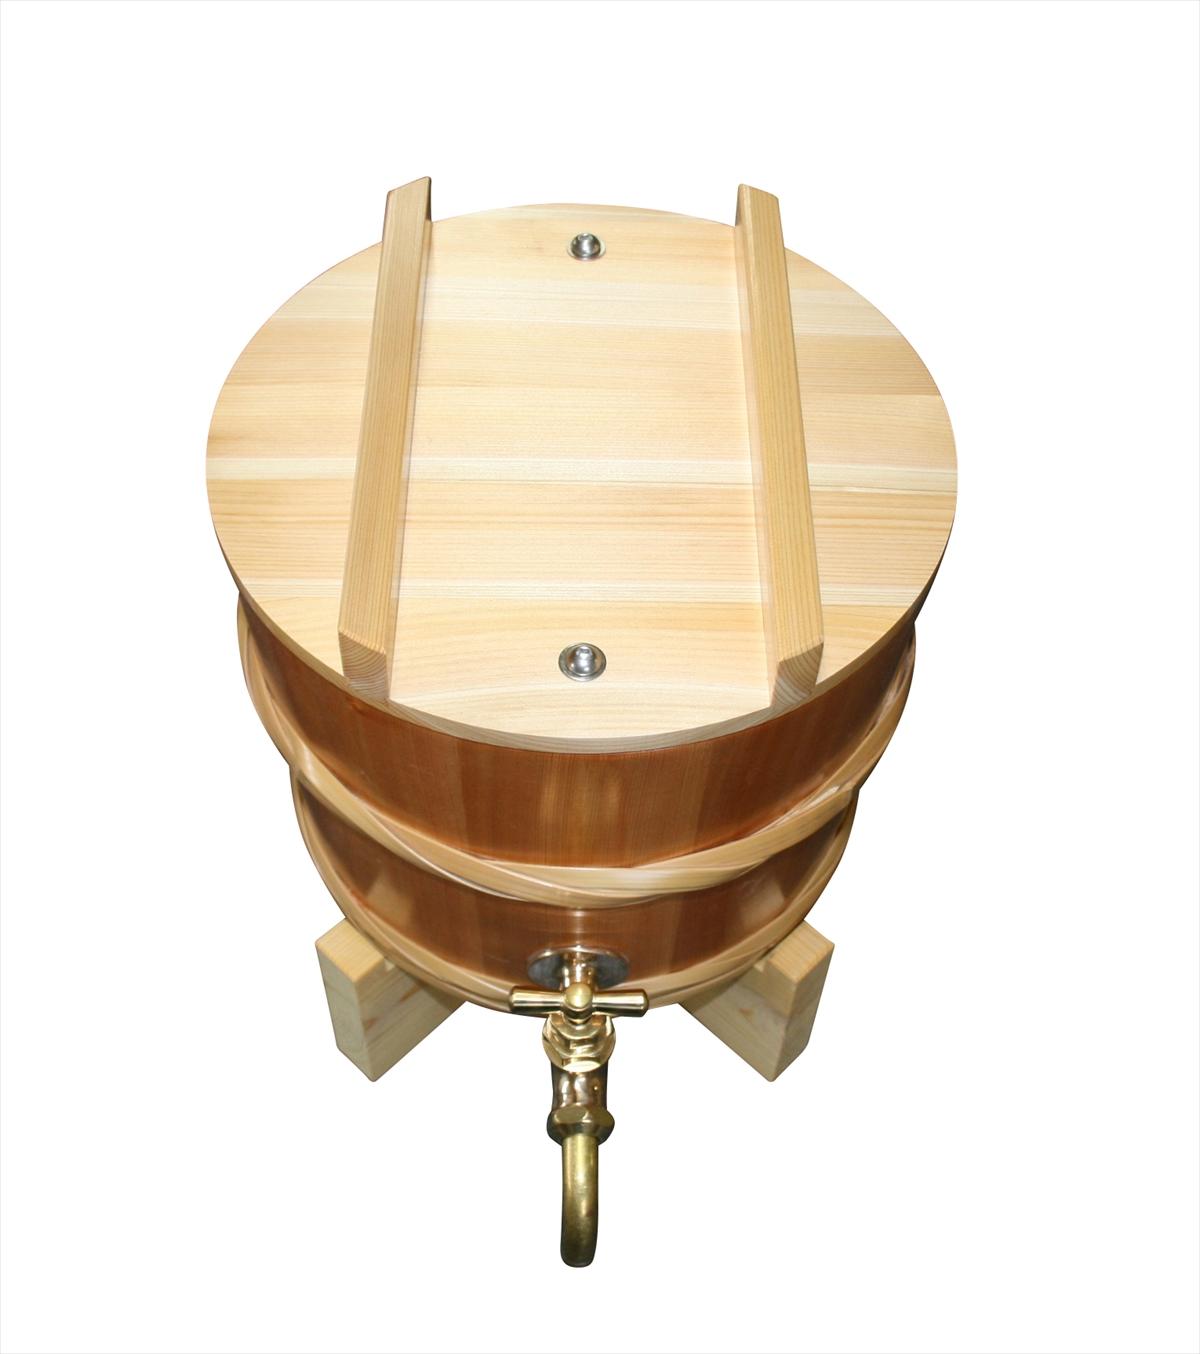 パーティーで大活躍の木桶のピッチャー。おしゃれなゴールドの蛇口付きです。お茶やお水のサーバーとして。木蓋は六角レンチで固定できます。